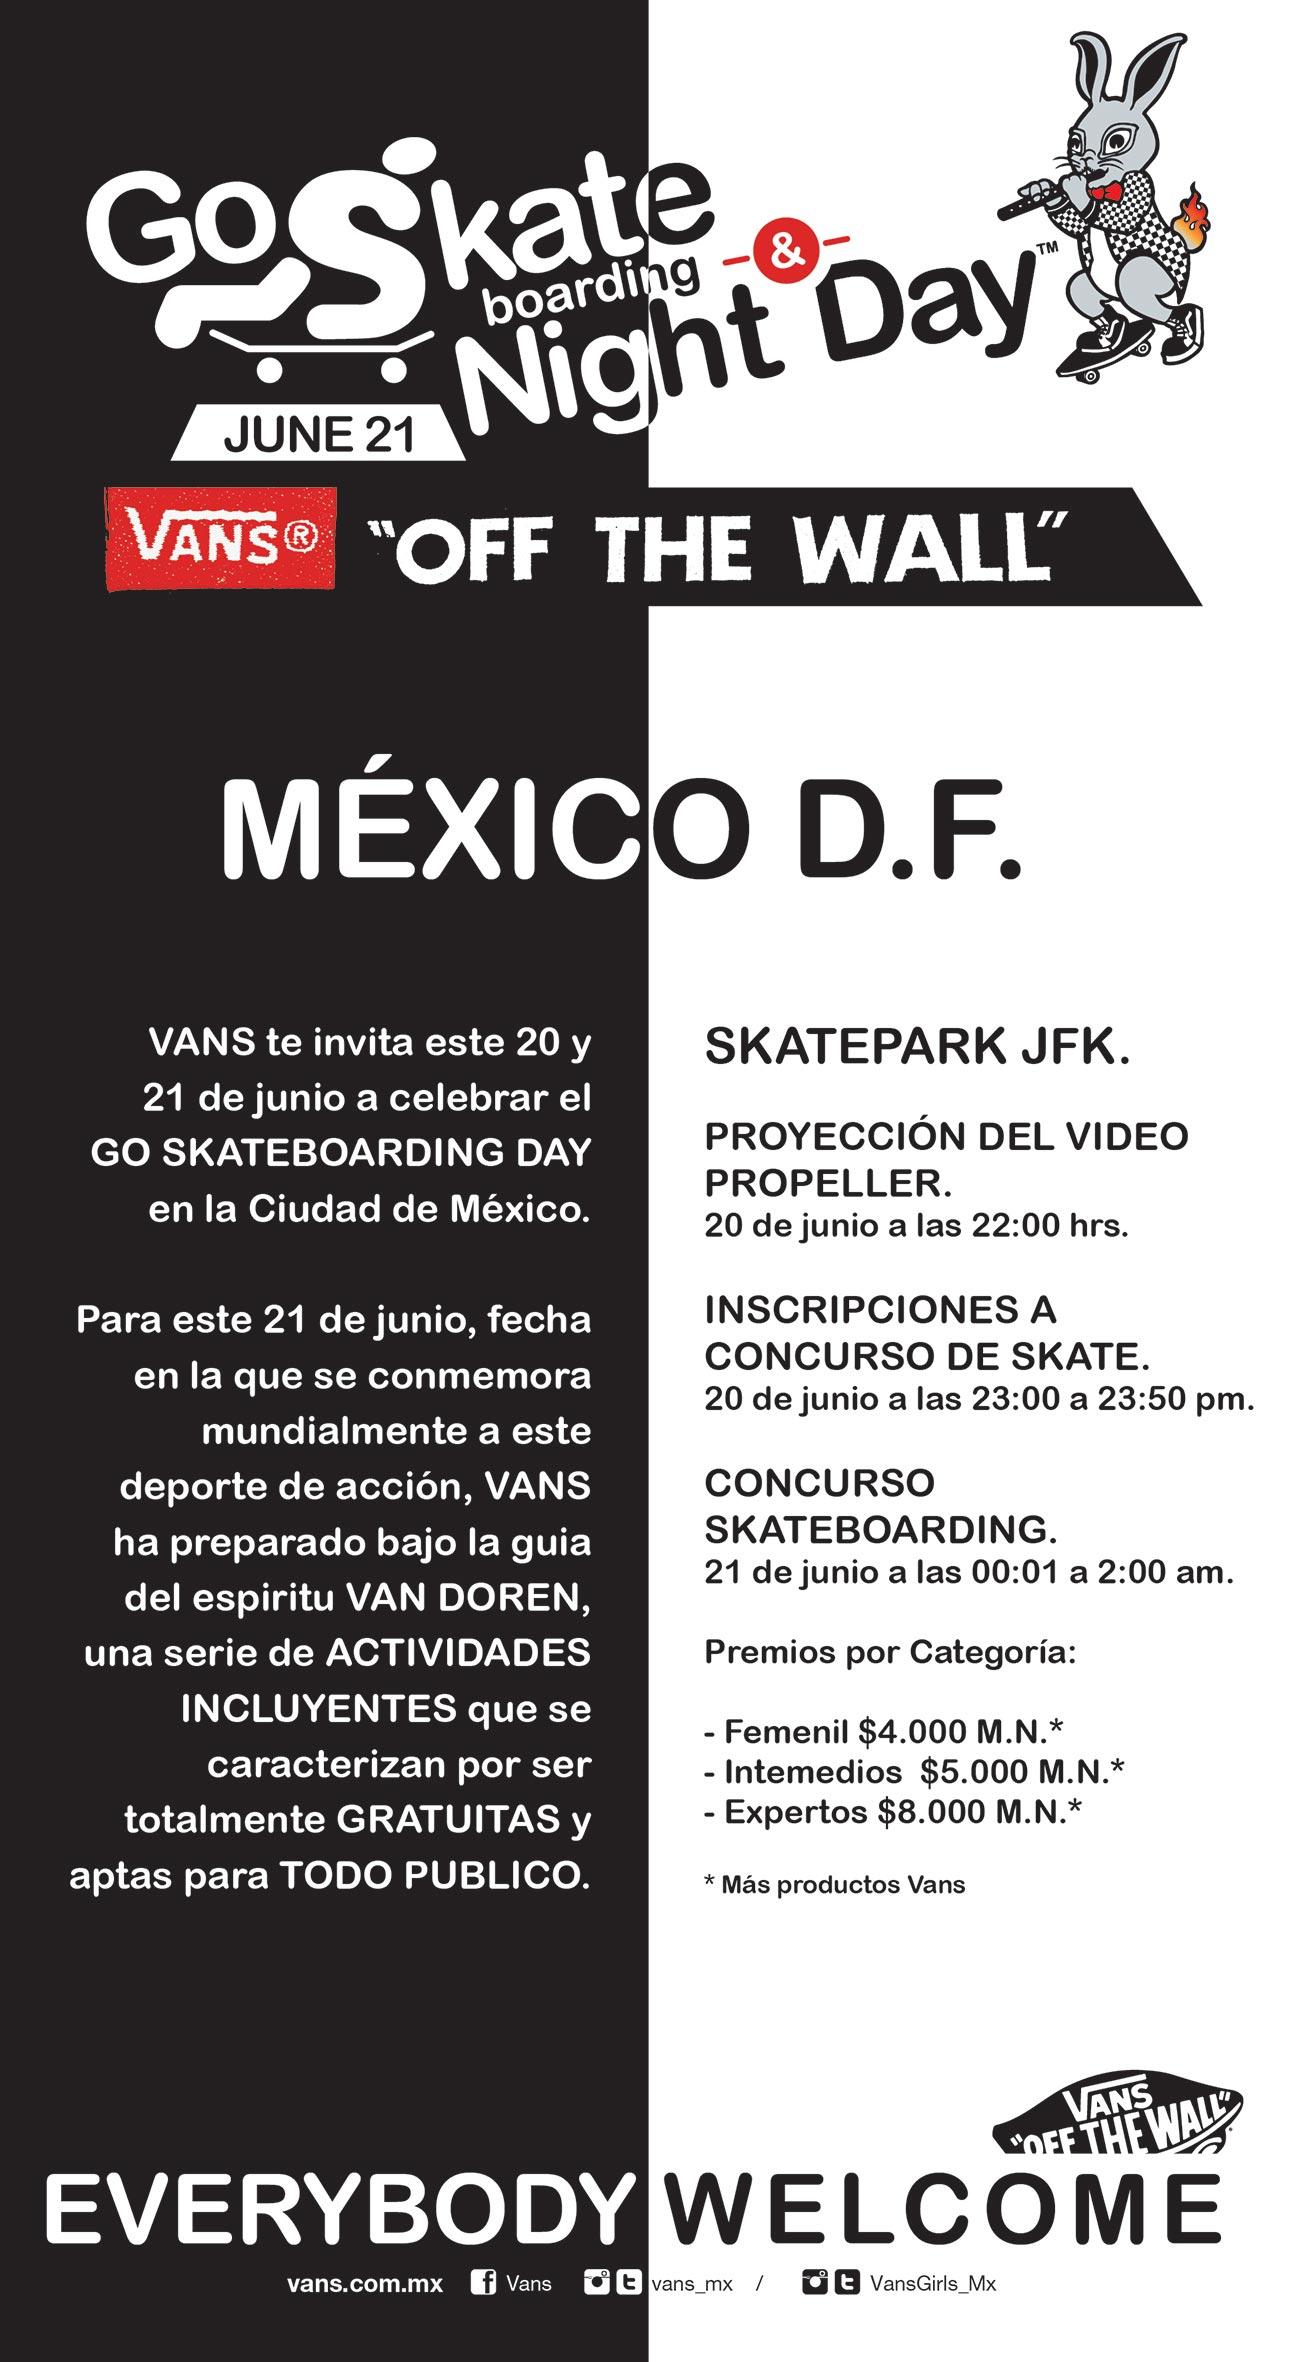 Go Skate Vans